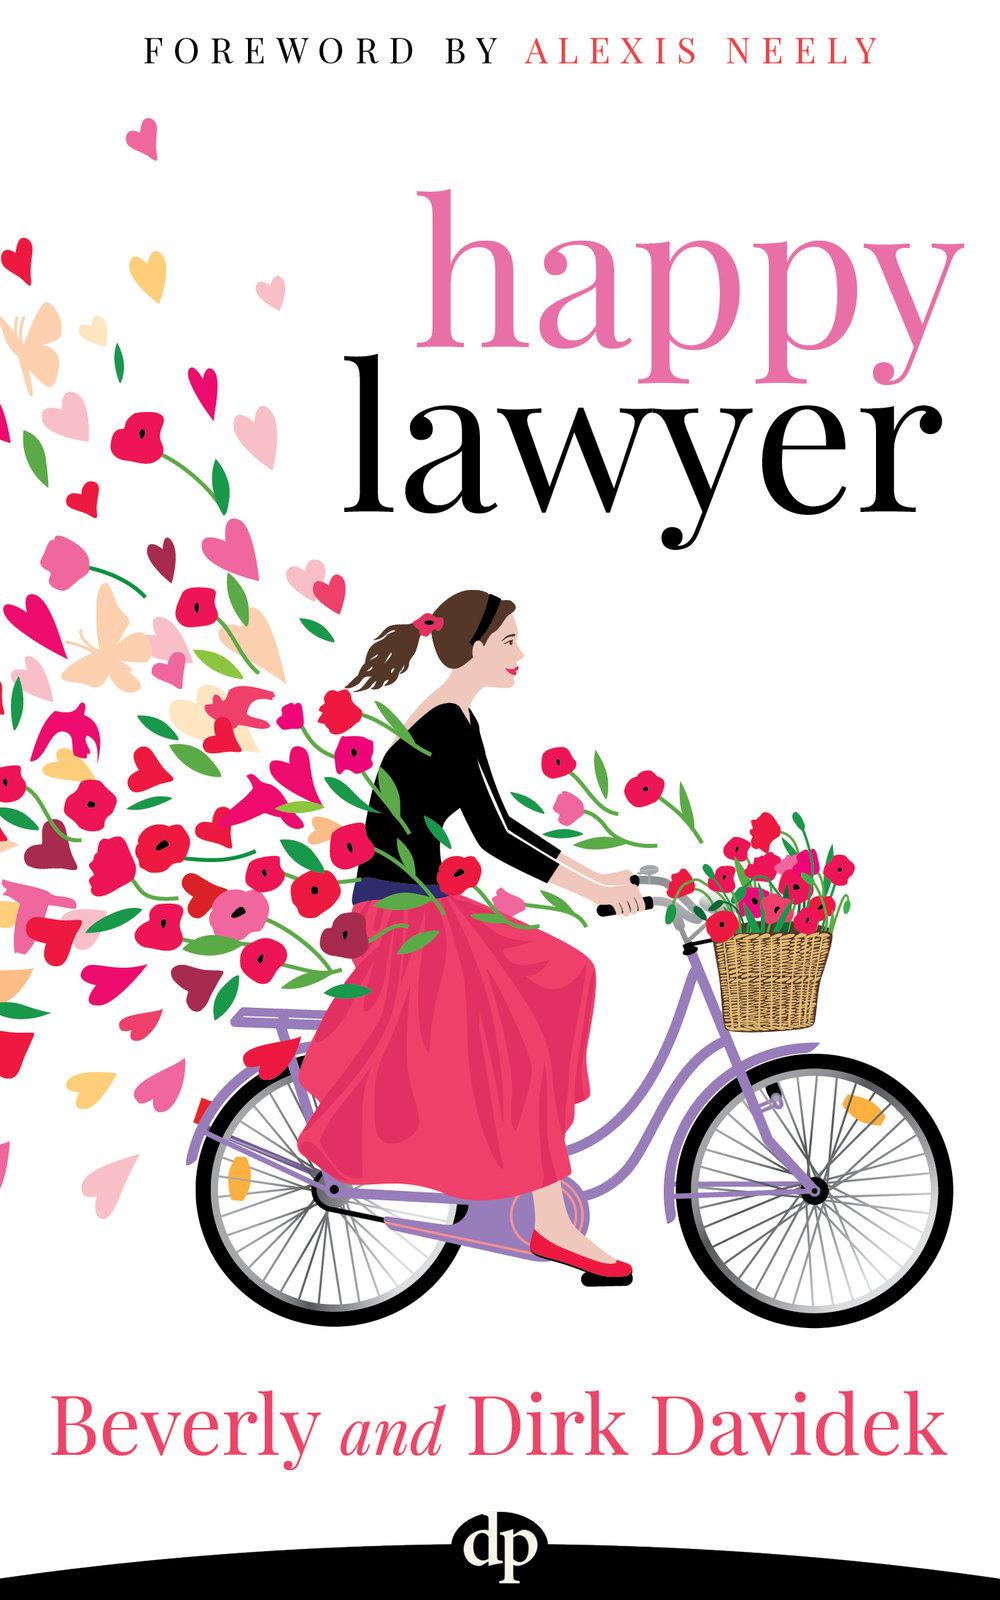 Davidek_Happy Lawyer_EBK_FINAL_A.jpg